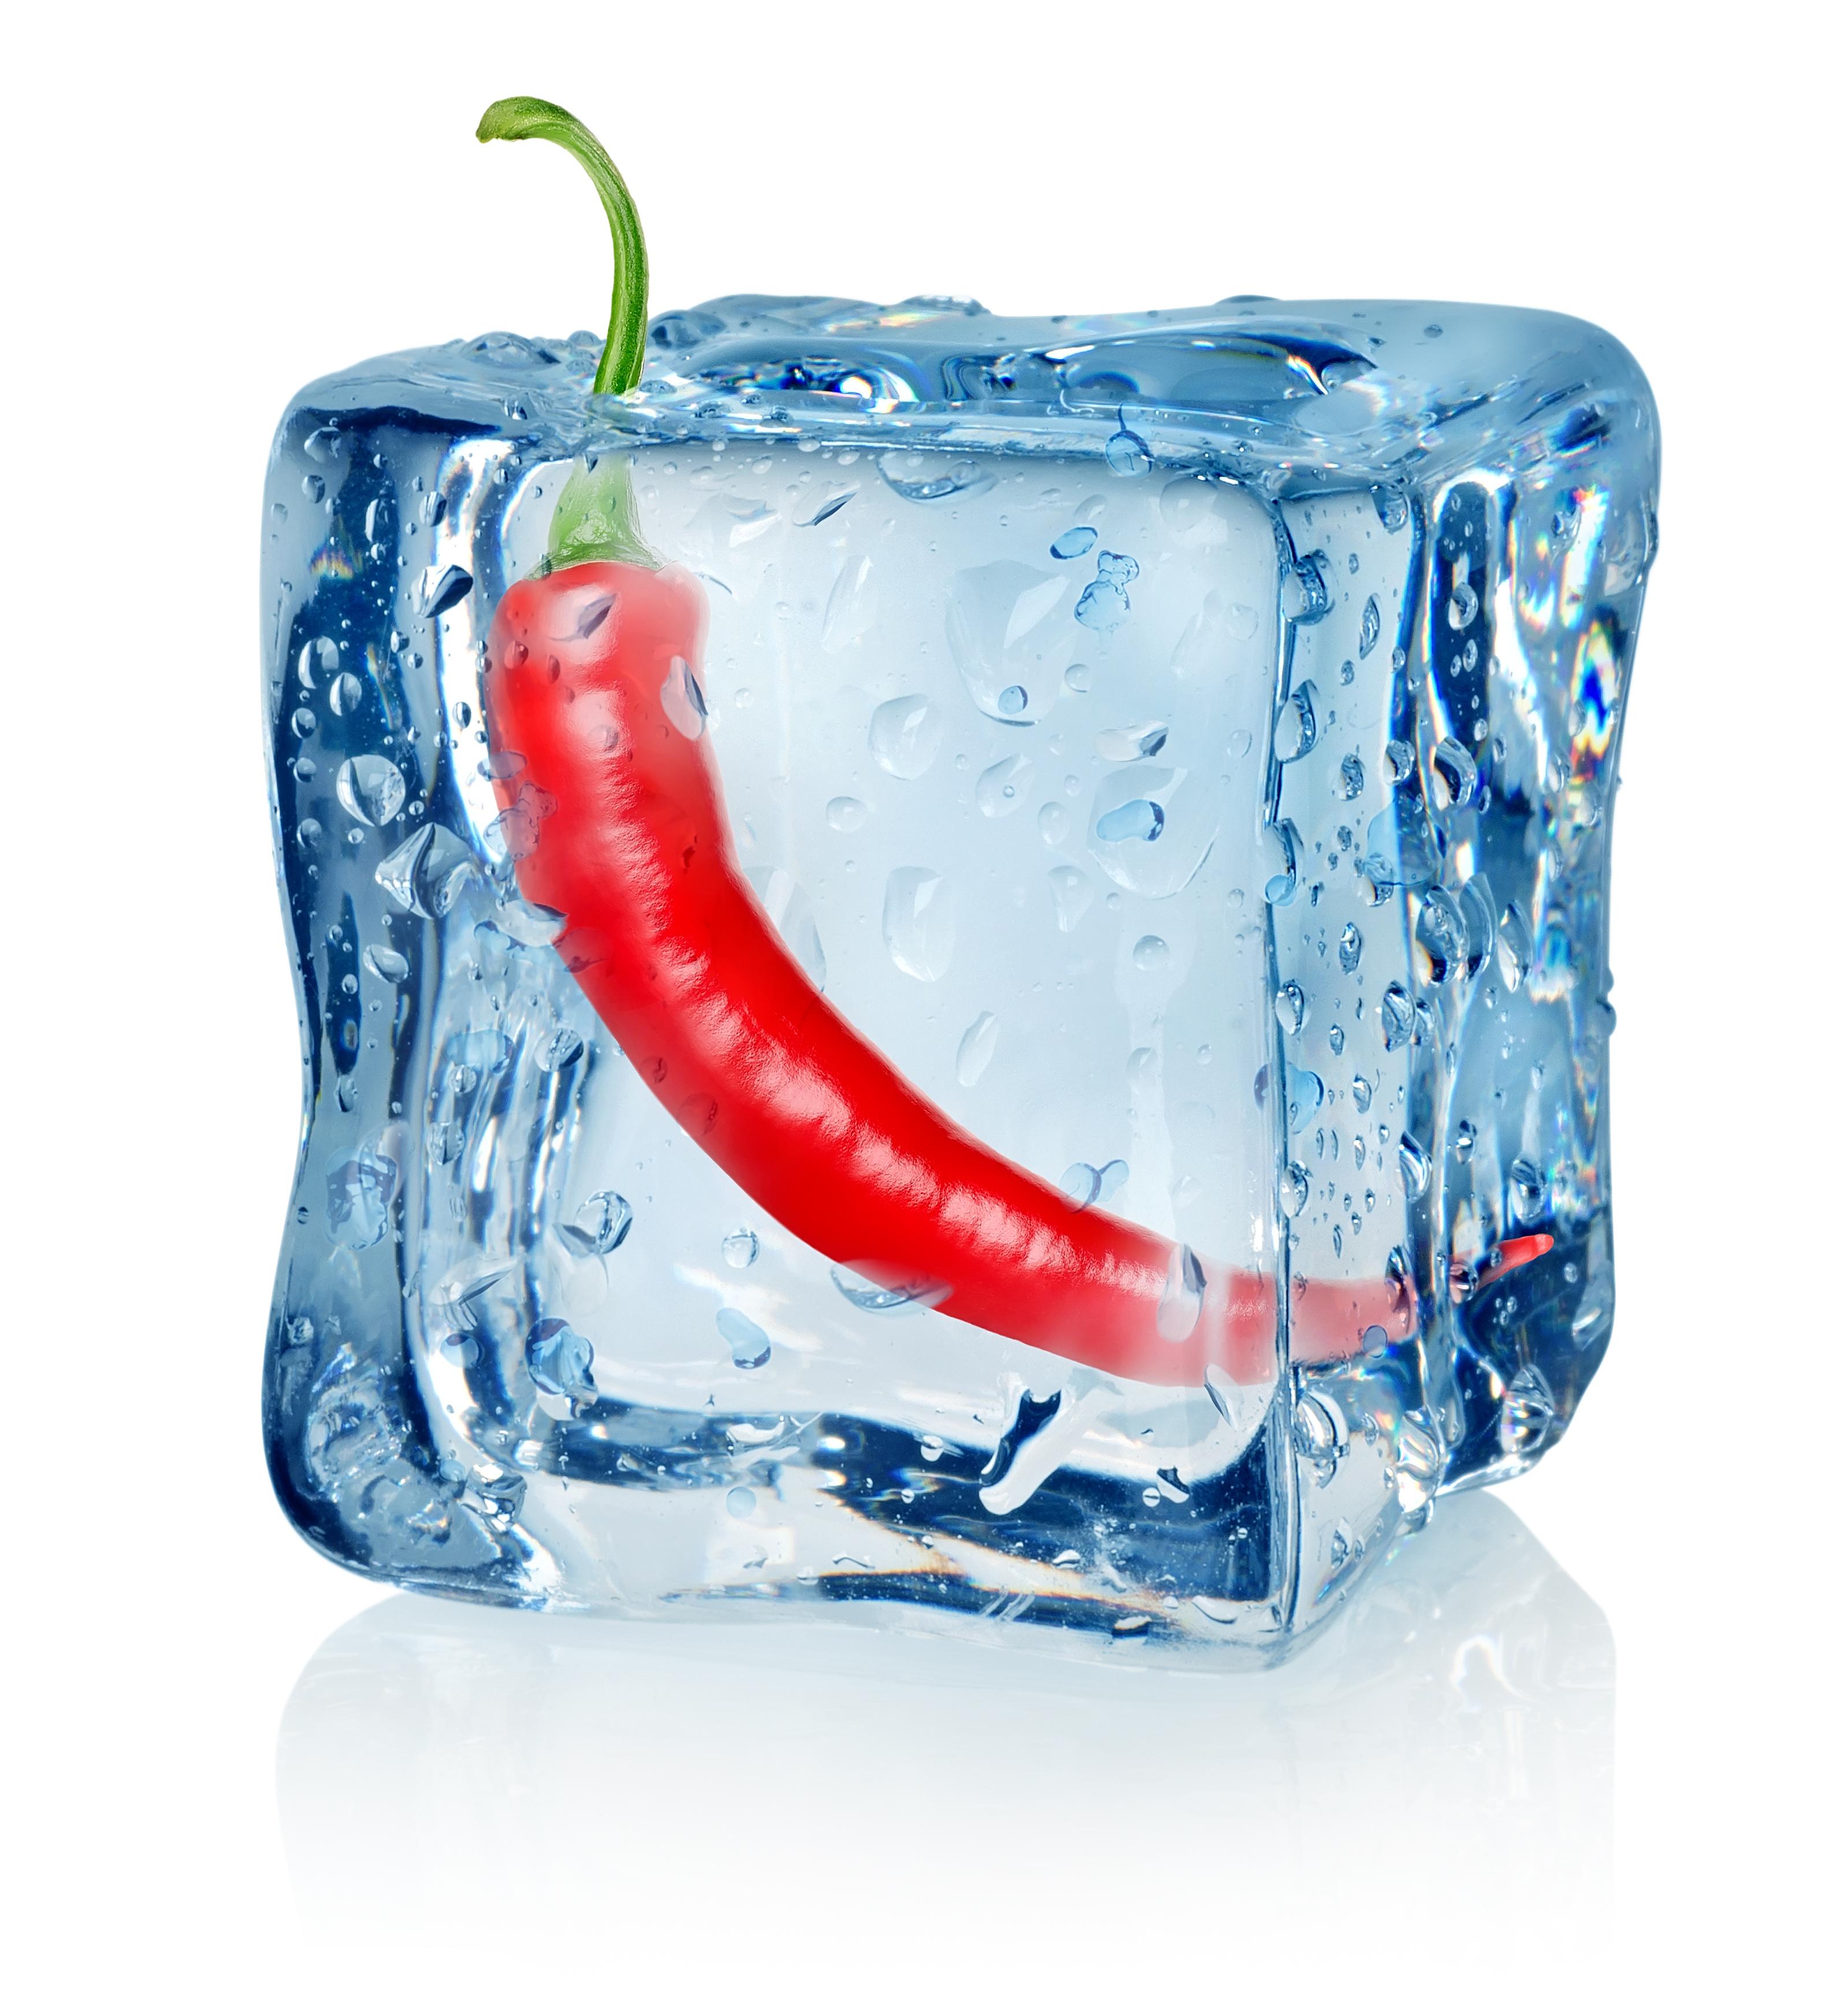 Peperoncino in cubetto di ghiaccio